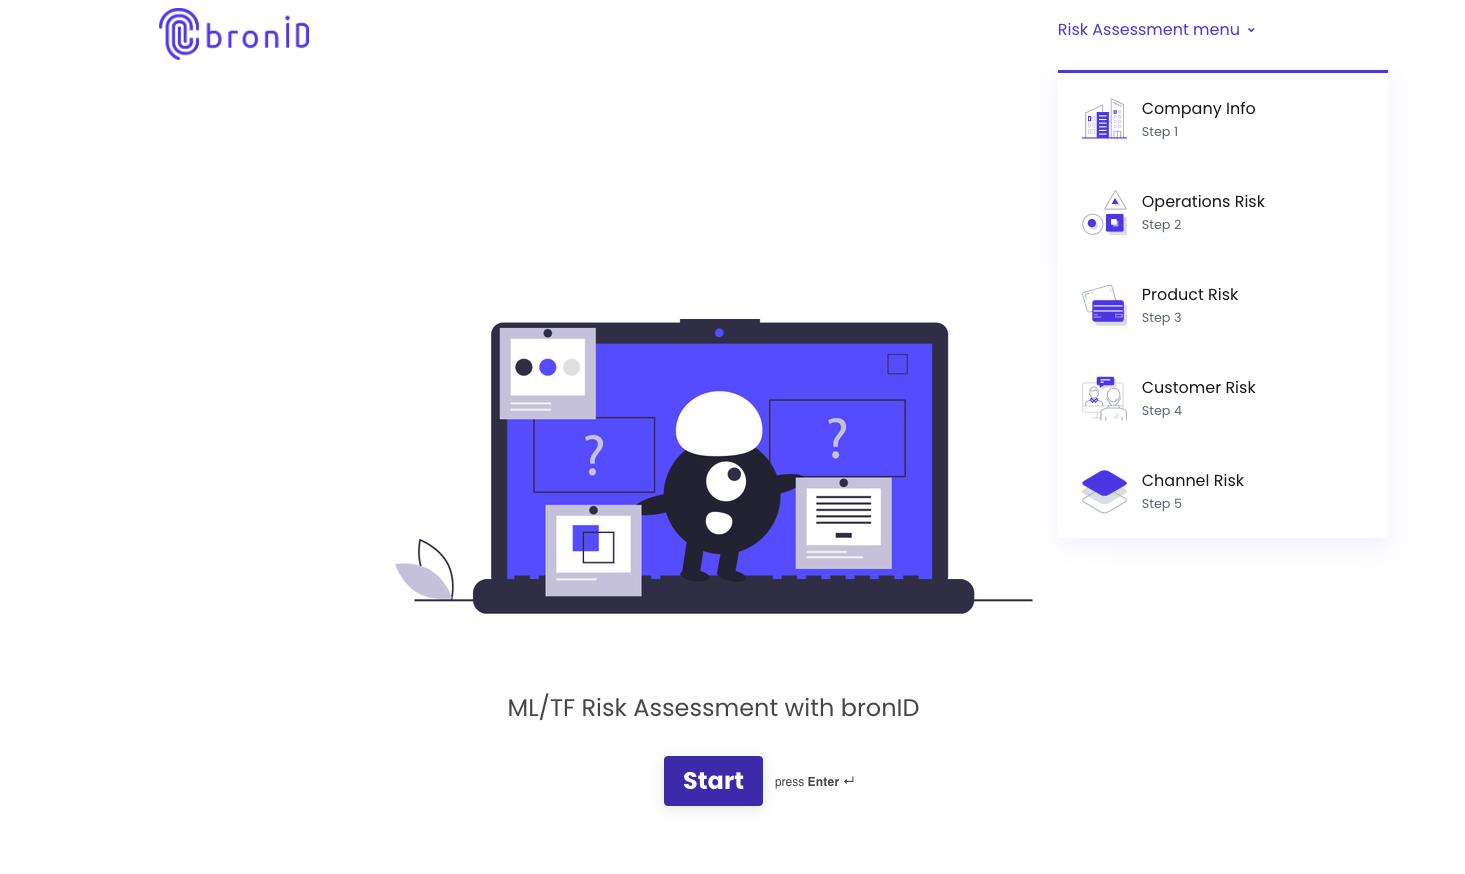 bronID ML/TF Risk Assessment